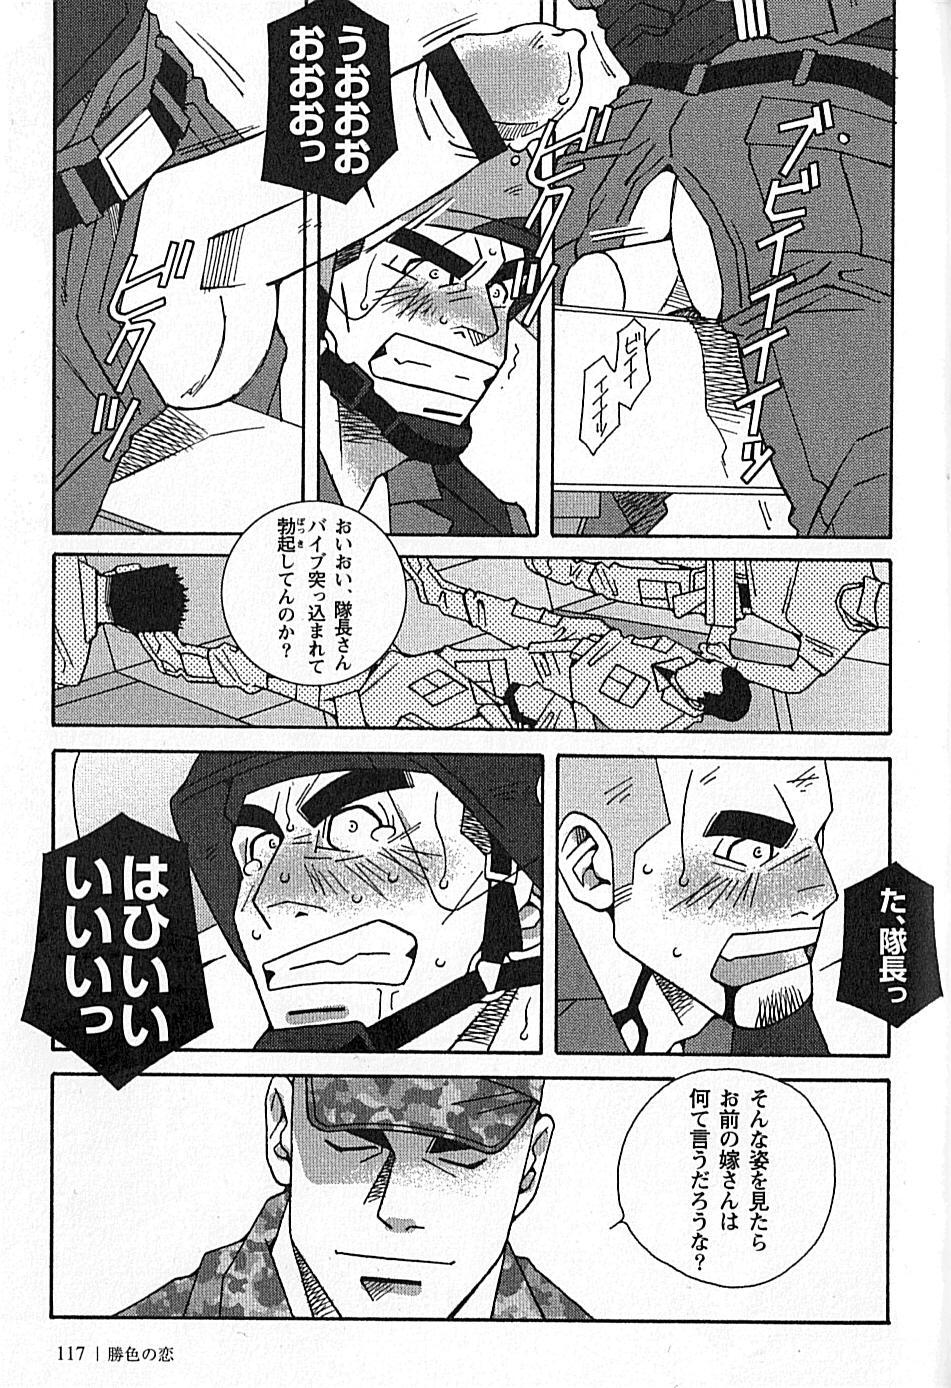 Swat - Kazuhide Ichikawa 16